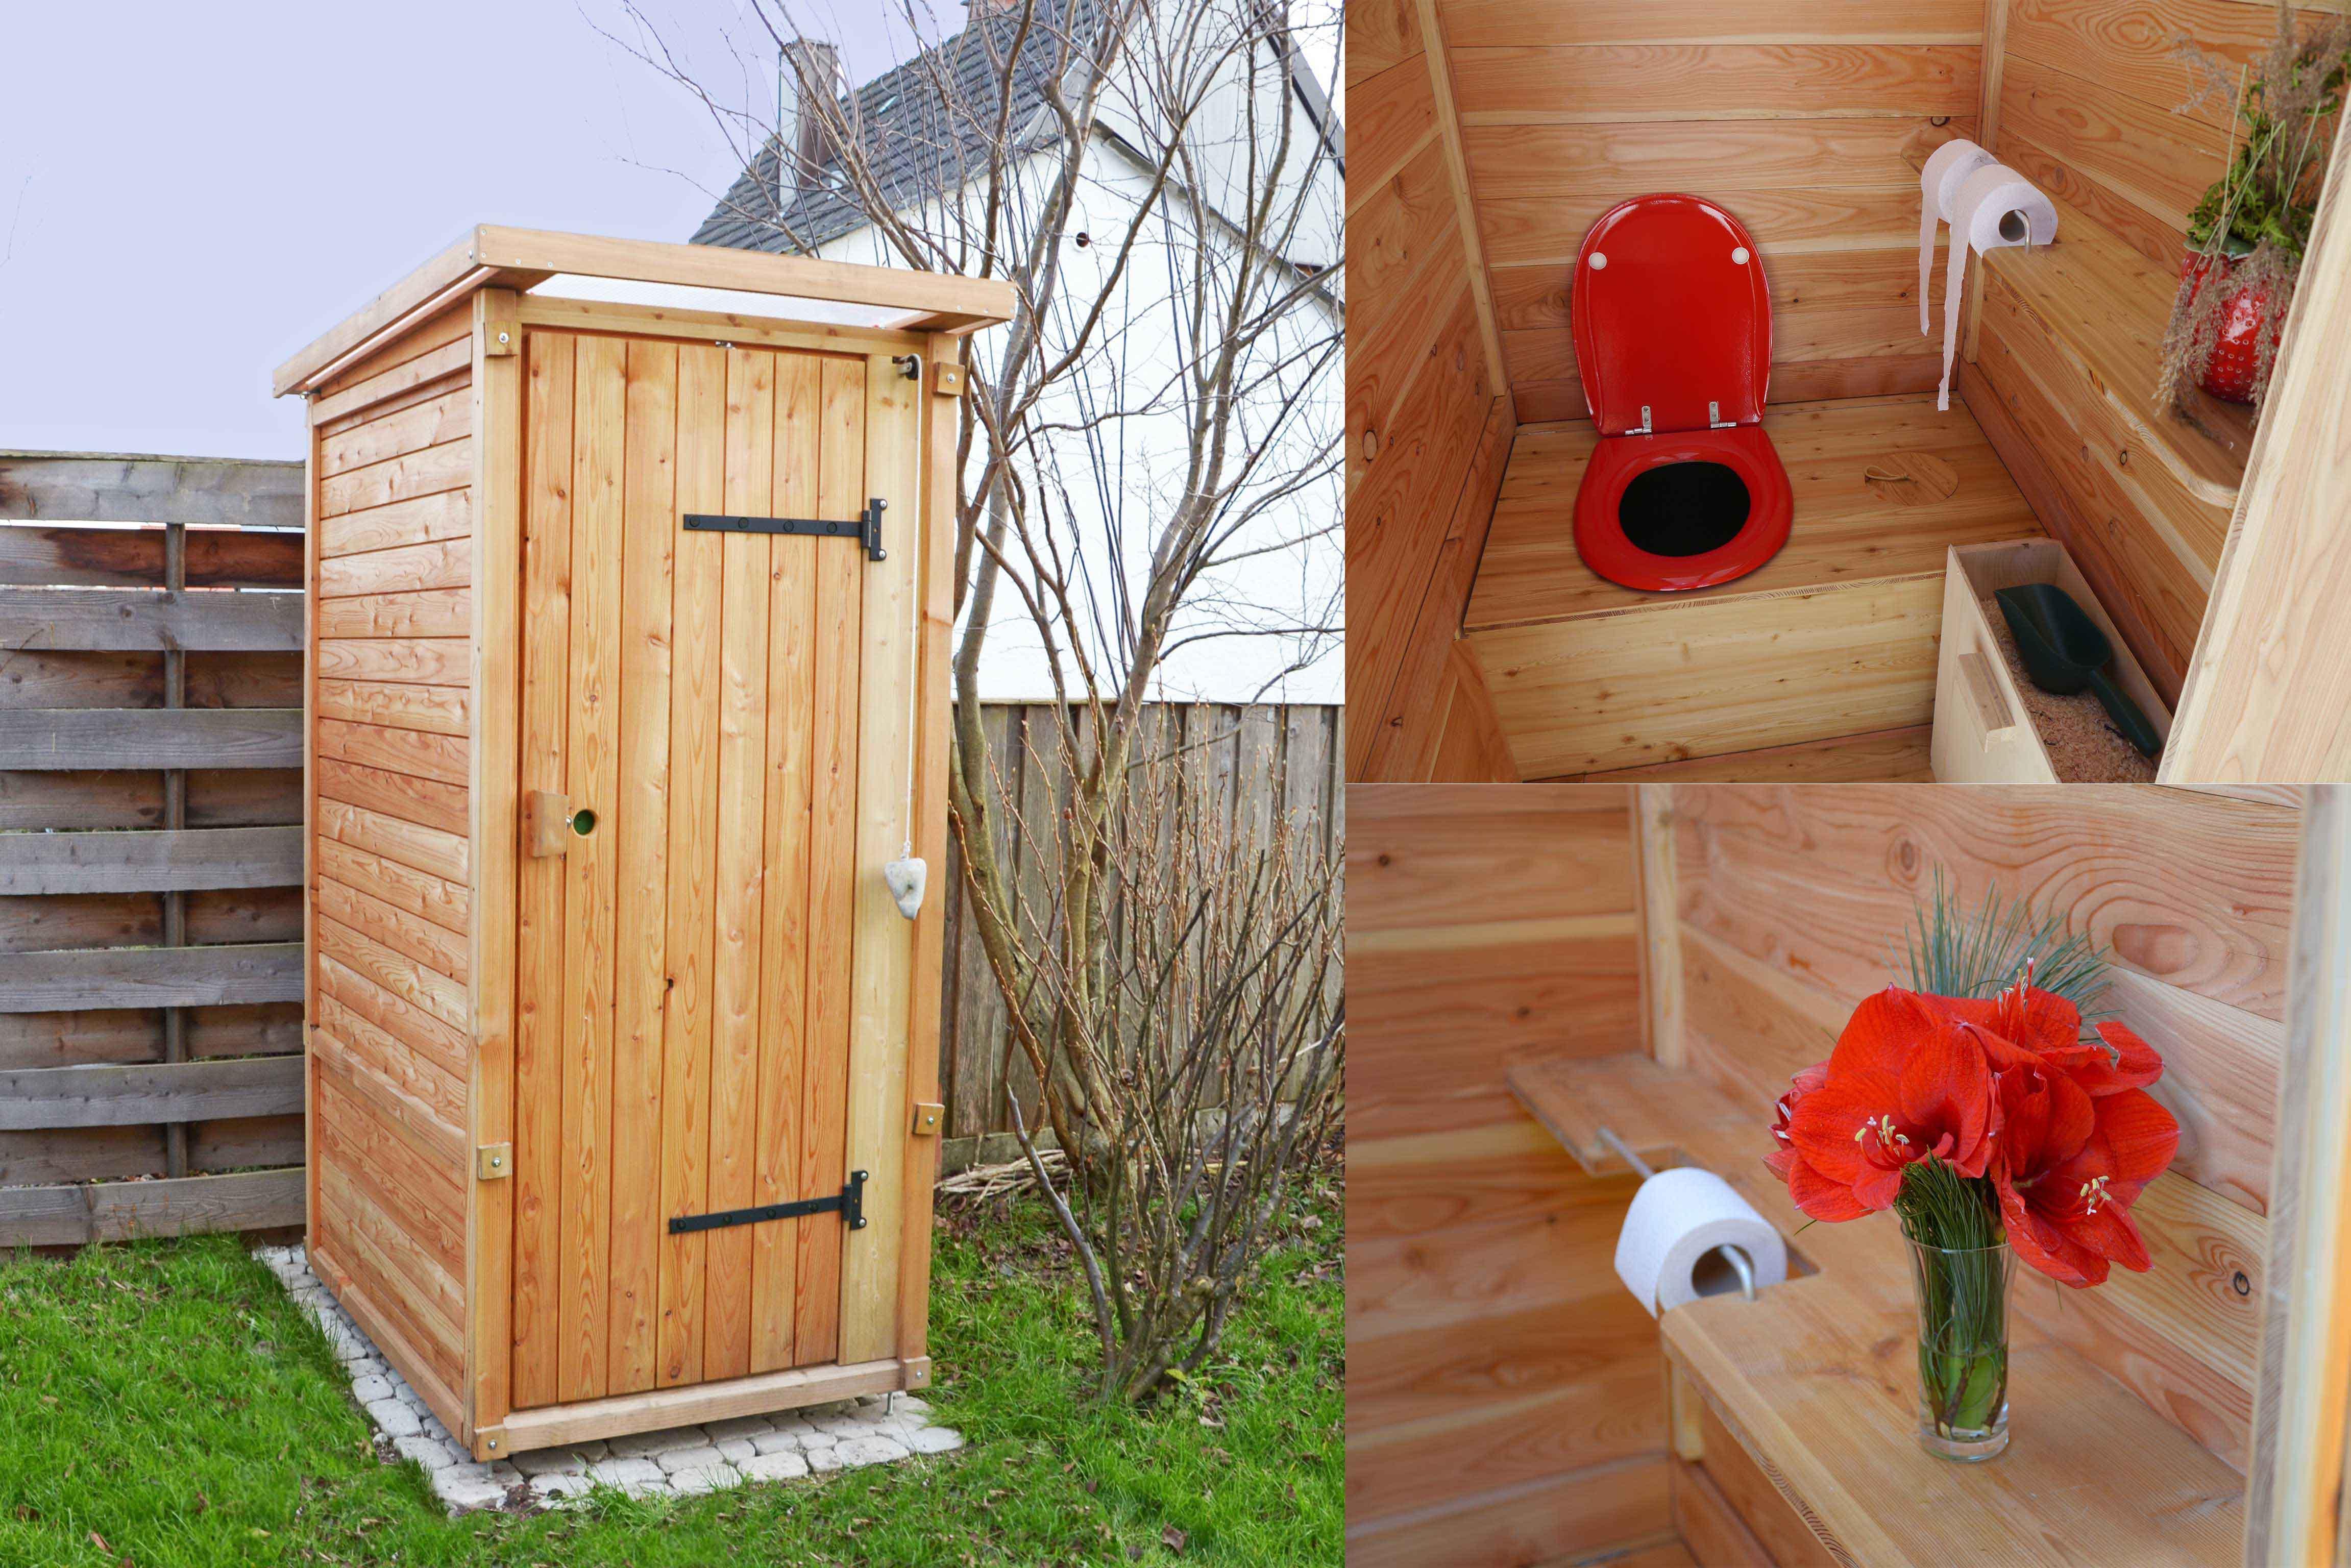 komposttoilette die biologische alternative zum chemieklo gartenfrosch. Black Bedroom Furniture Sets. Home Design Ideas